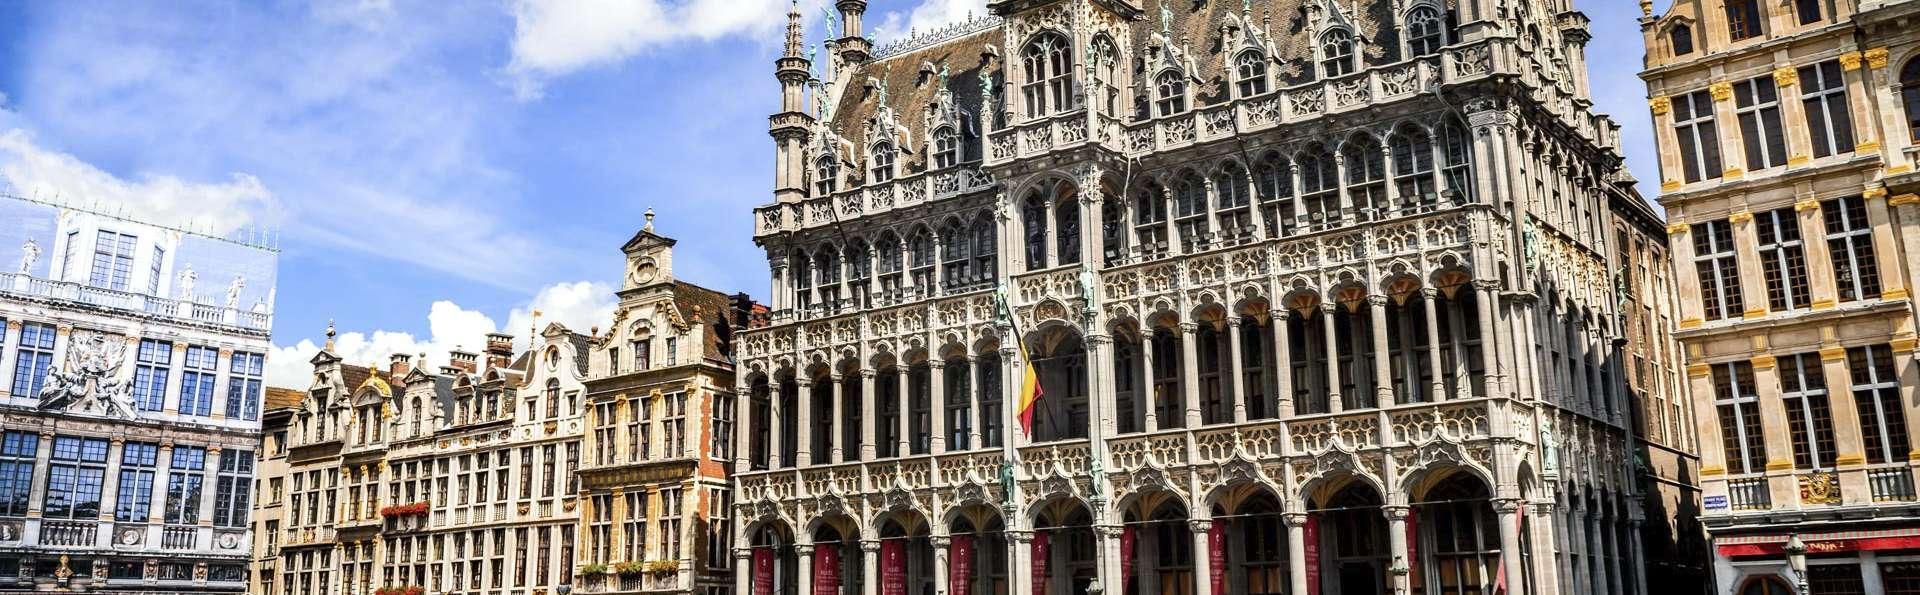 Citytip en ville rempli de culture, de confort et d'histoire dans la belle ville de Bruxelles